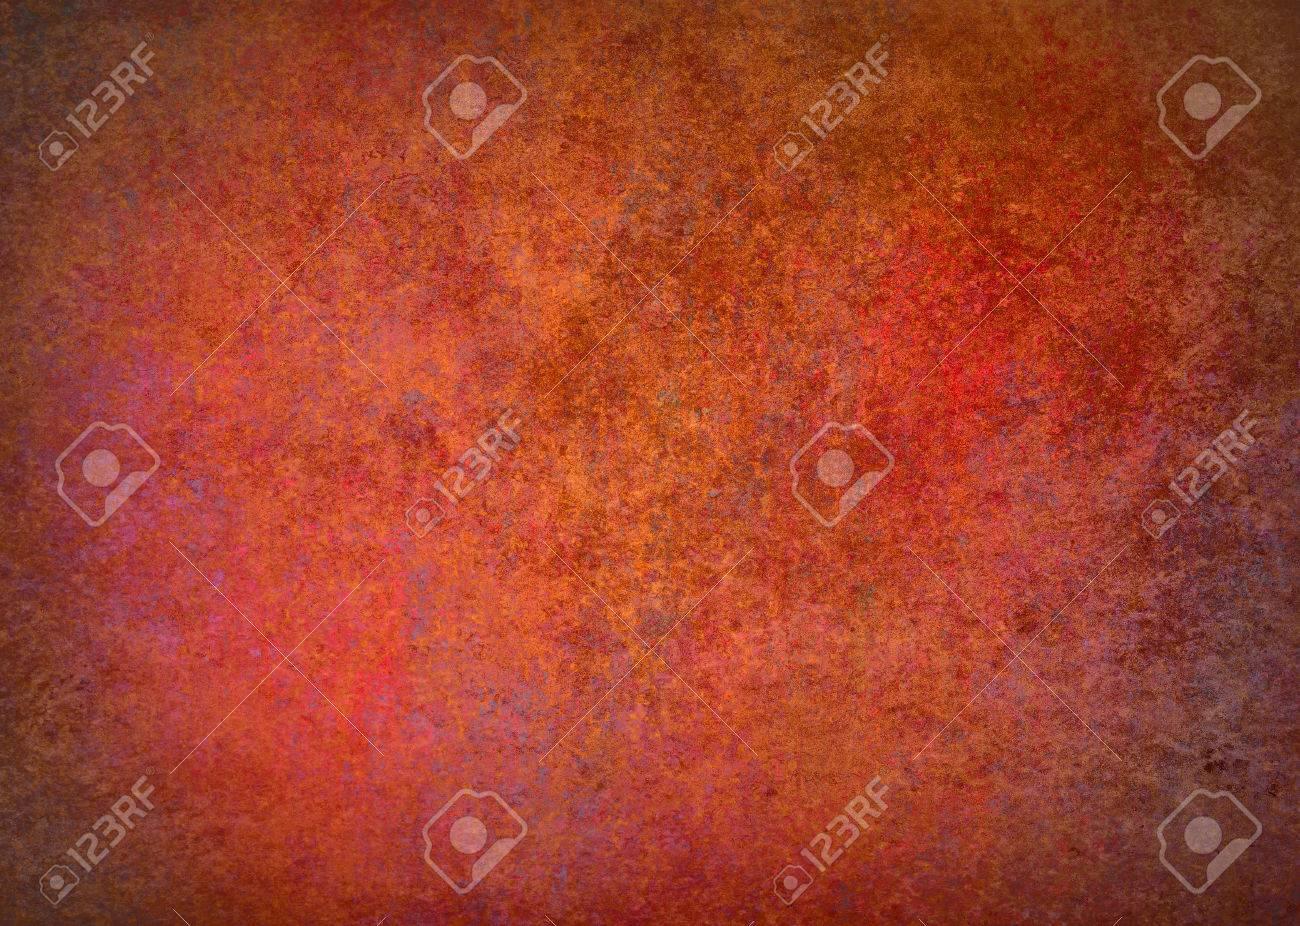 Peinture À L Éponge Sur Mur couleurs chaudes fond abstrait orange de frontière rouge avec une éponge  texture vintage grunge de fond, affligé peinture graisseux rugueux sur le